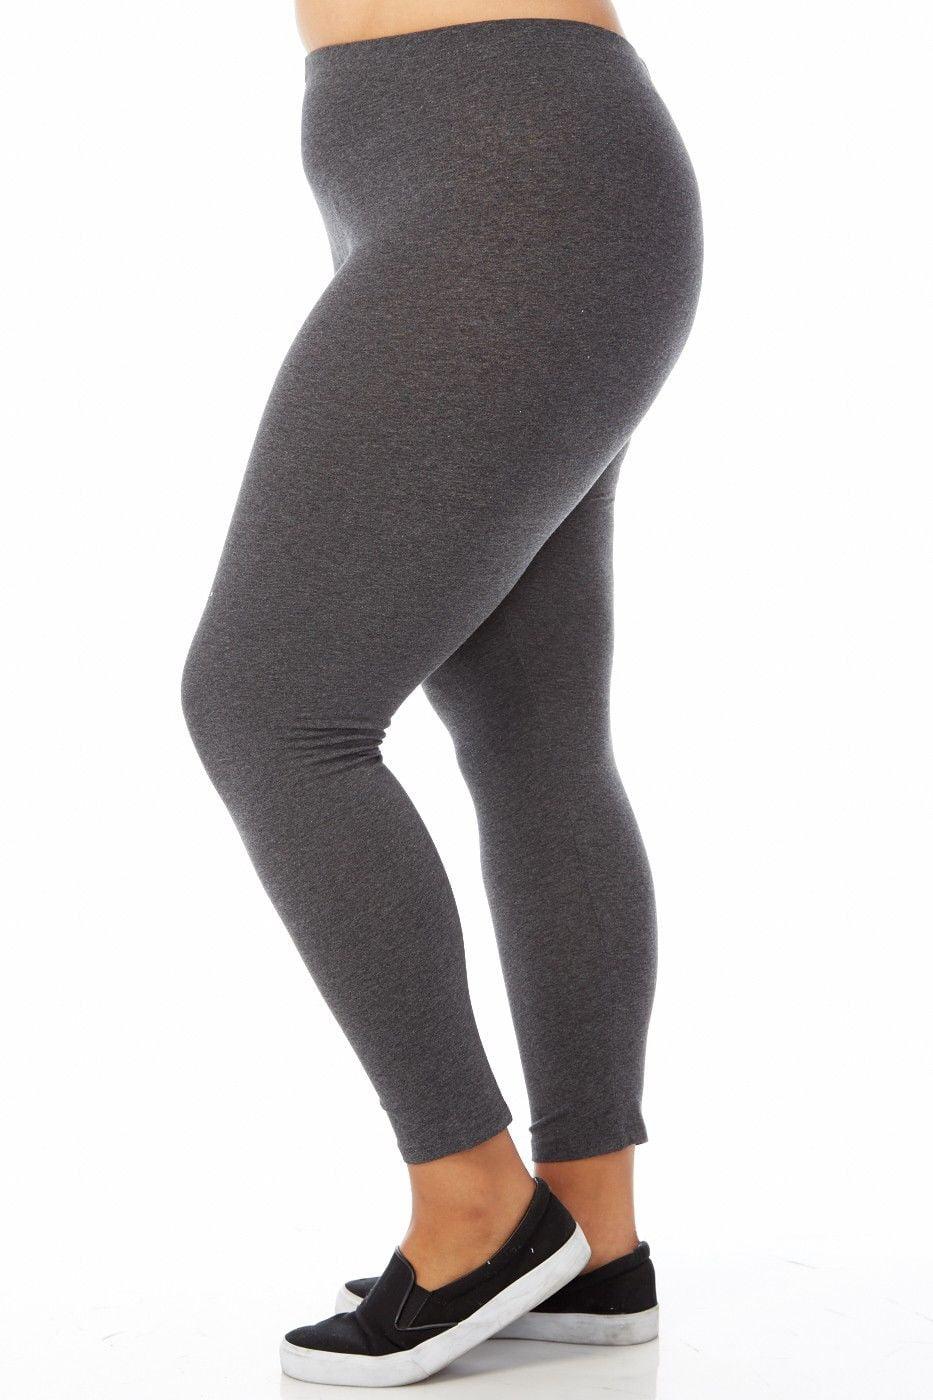 Womens Plus Size Comfy Basic Cotton Blend Plain Color Long Leggings XB4003